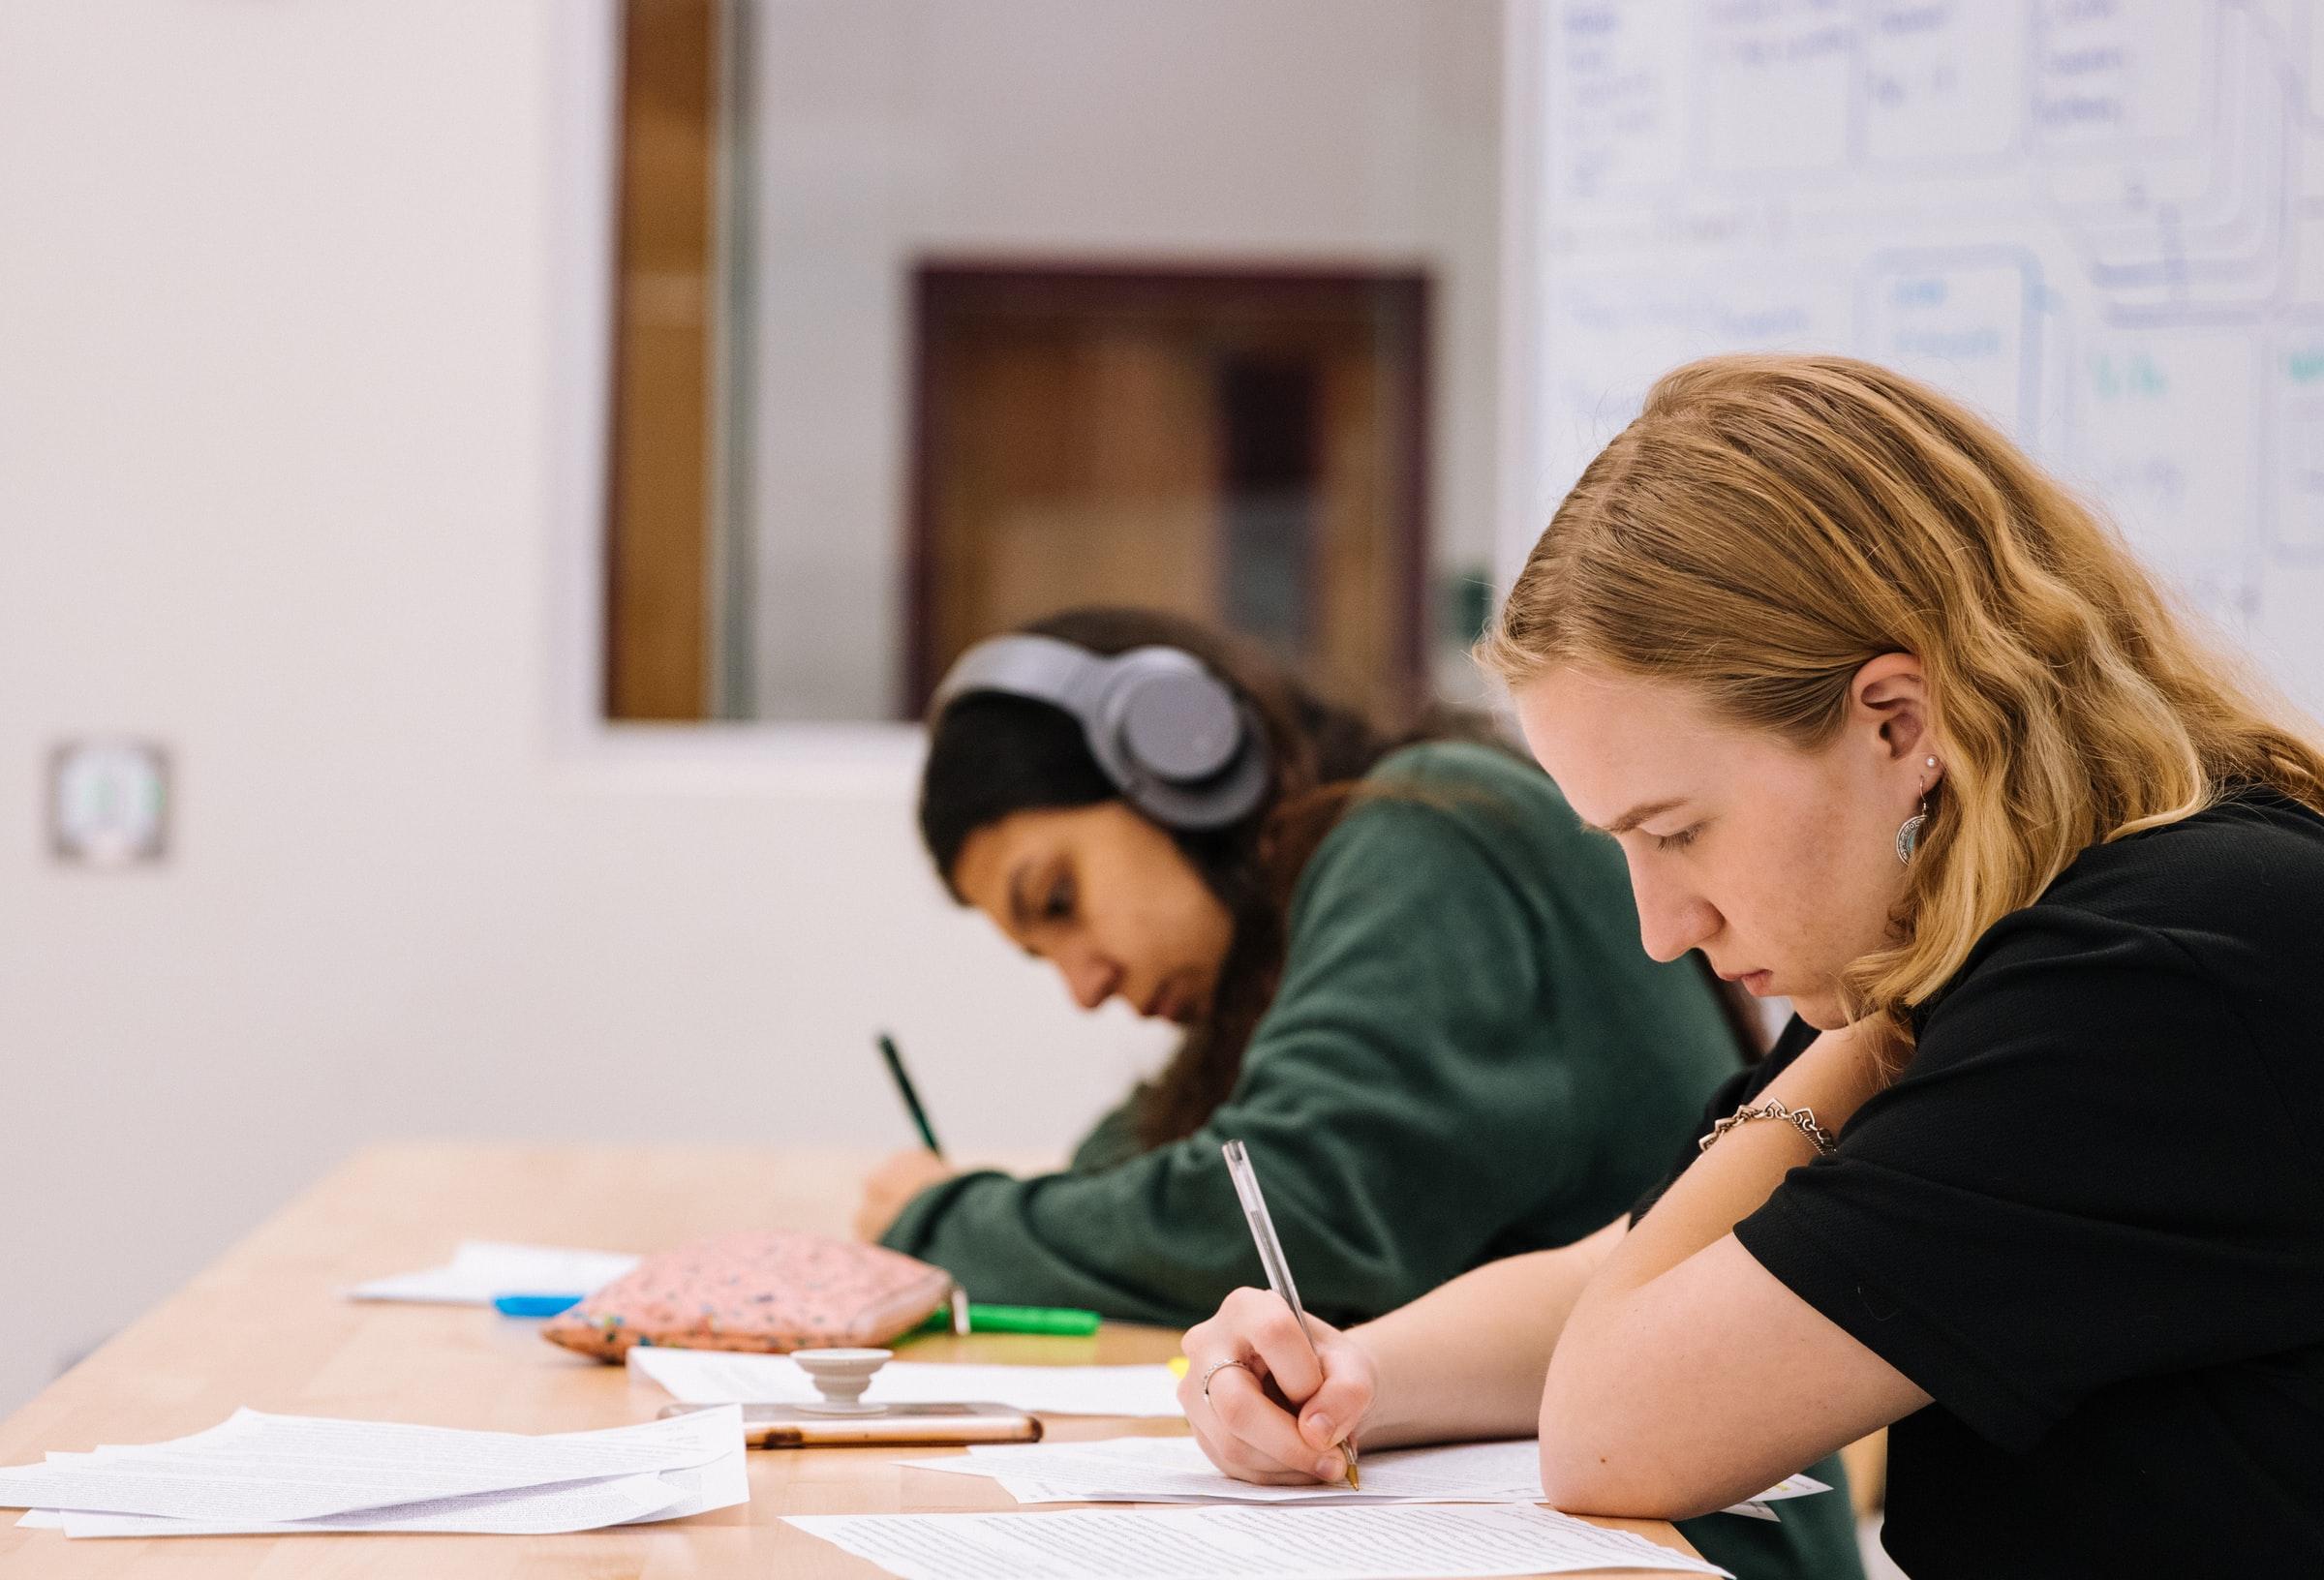 Studiare in Giappone: Come Scegliere una Scuola di Lingua Giapponese